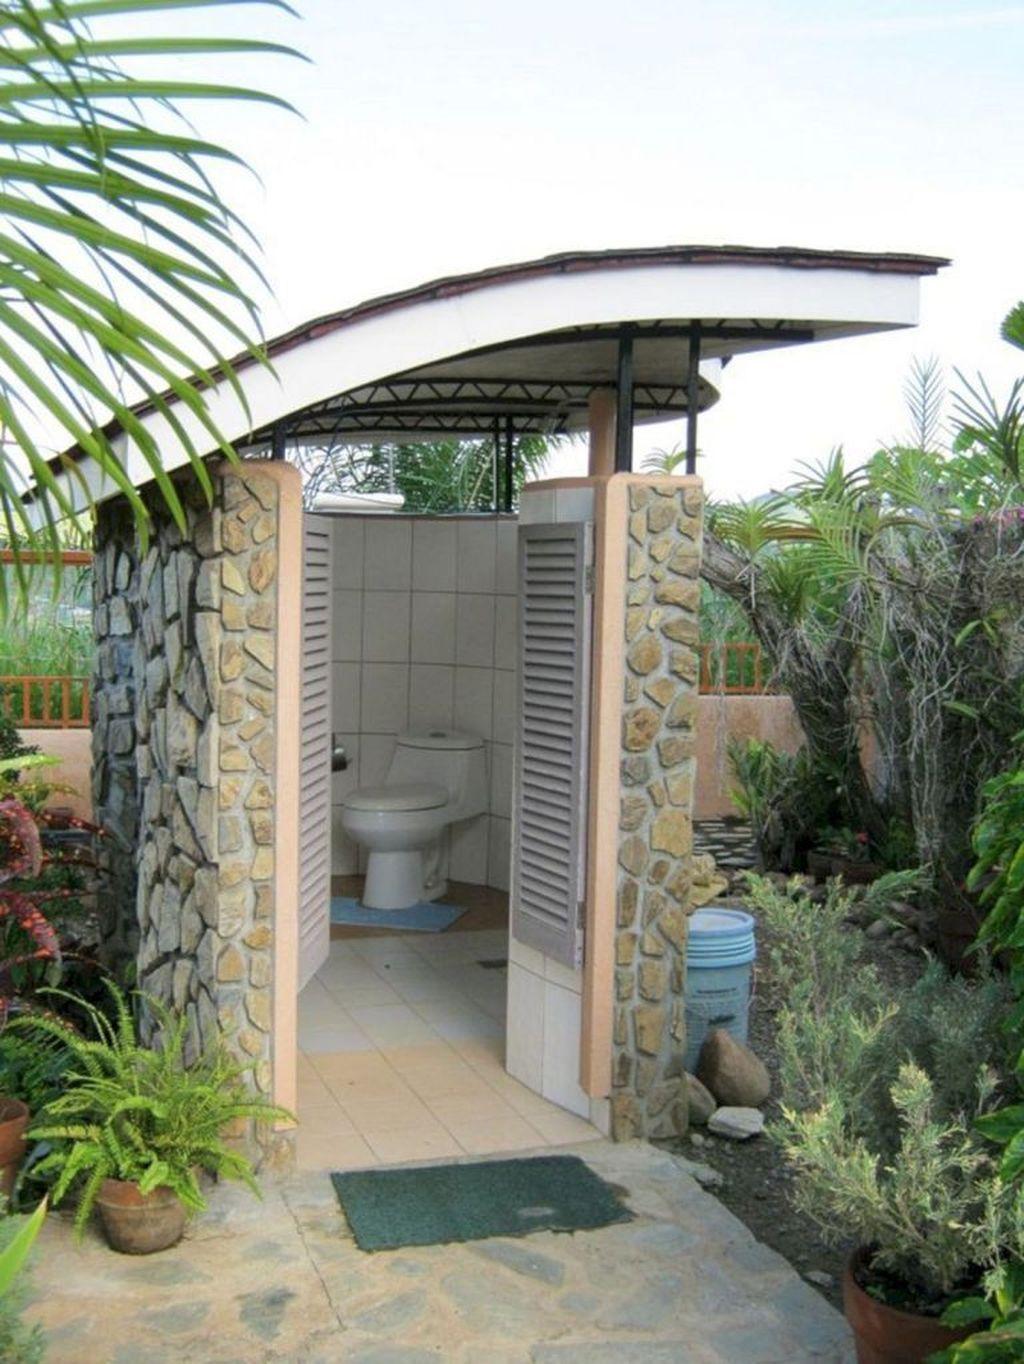 Bagno Esterno In Giardino 46 amazing outdoor bathroom design ideas (con immagini